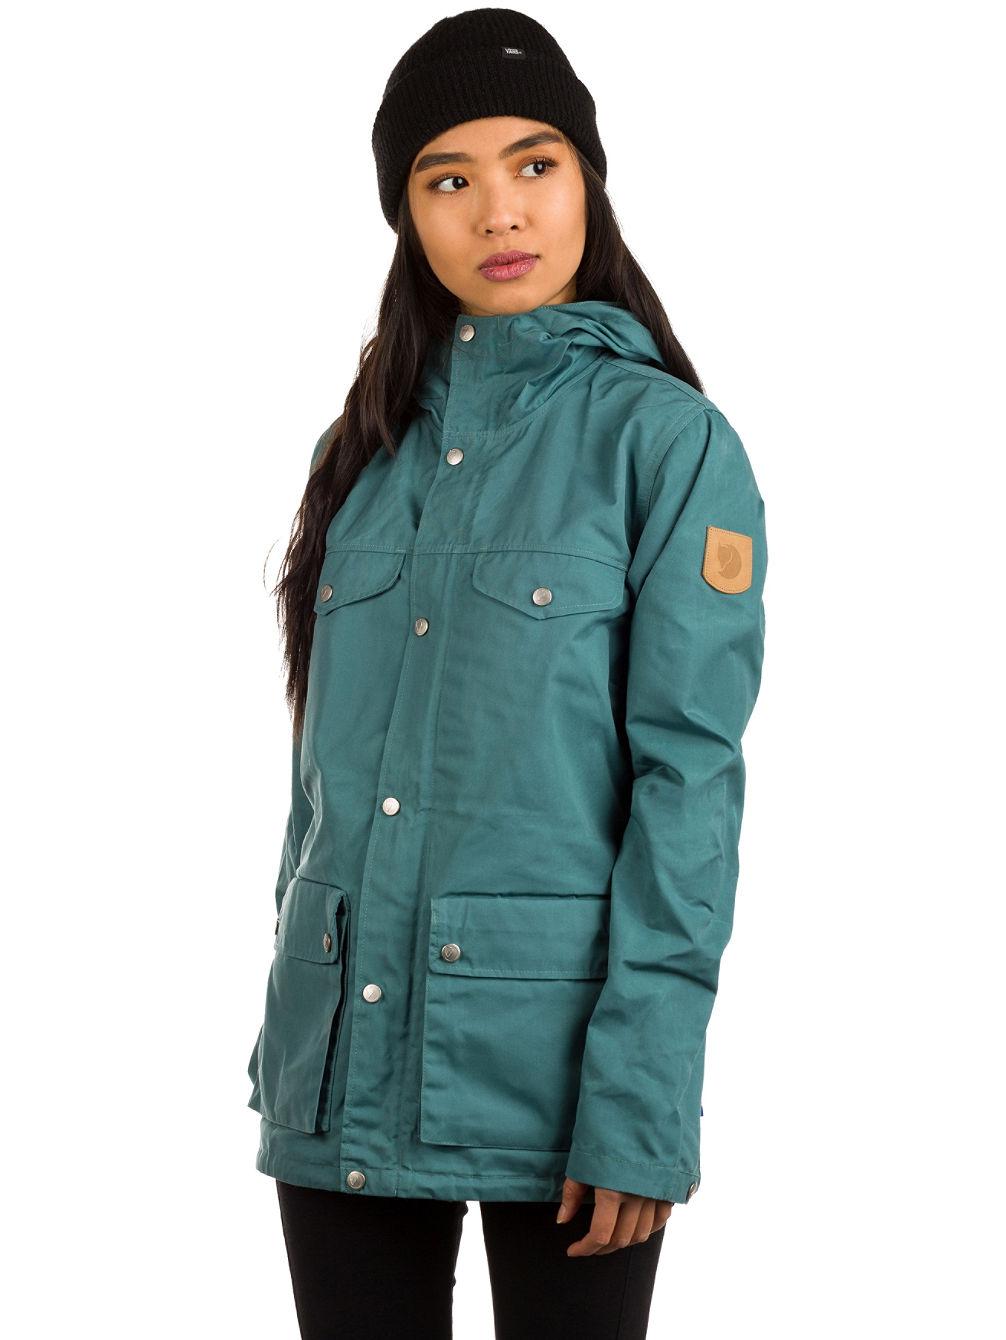 the latest 940e1 e543a Greenland Jacket